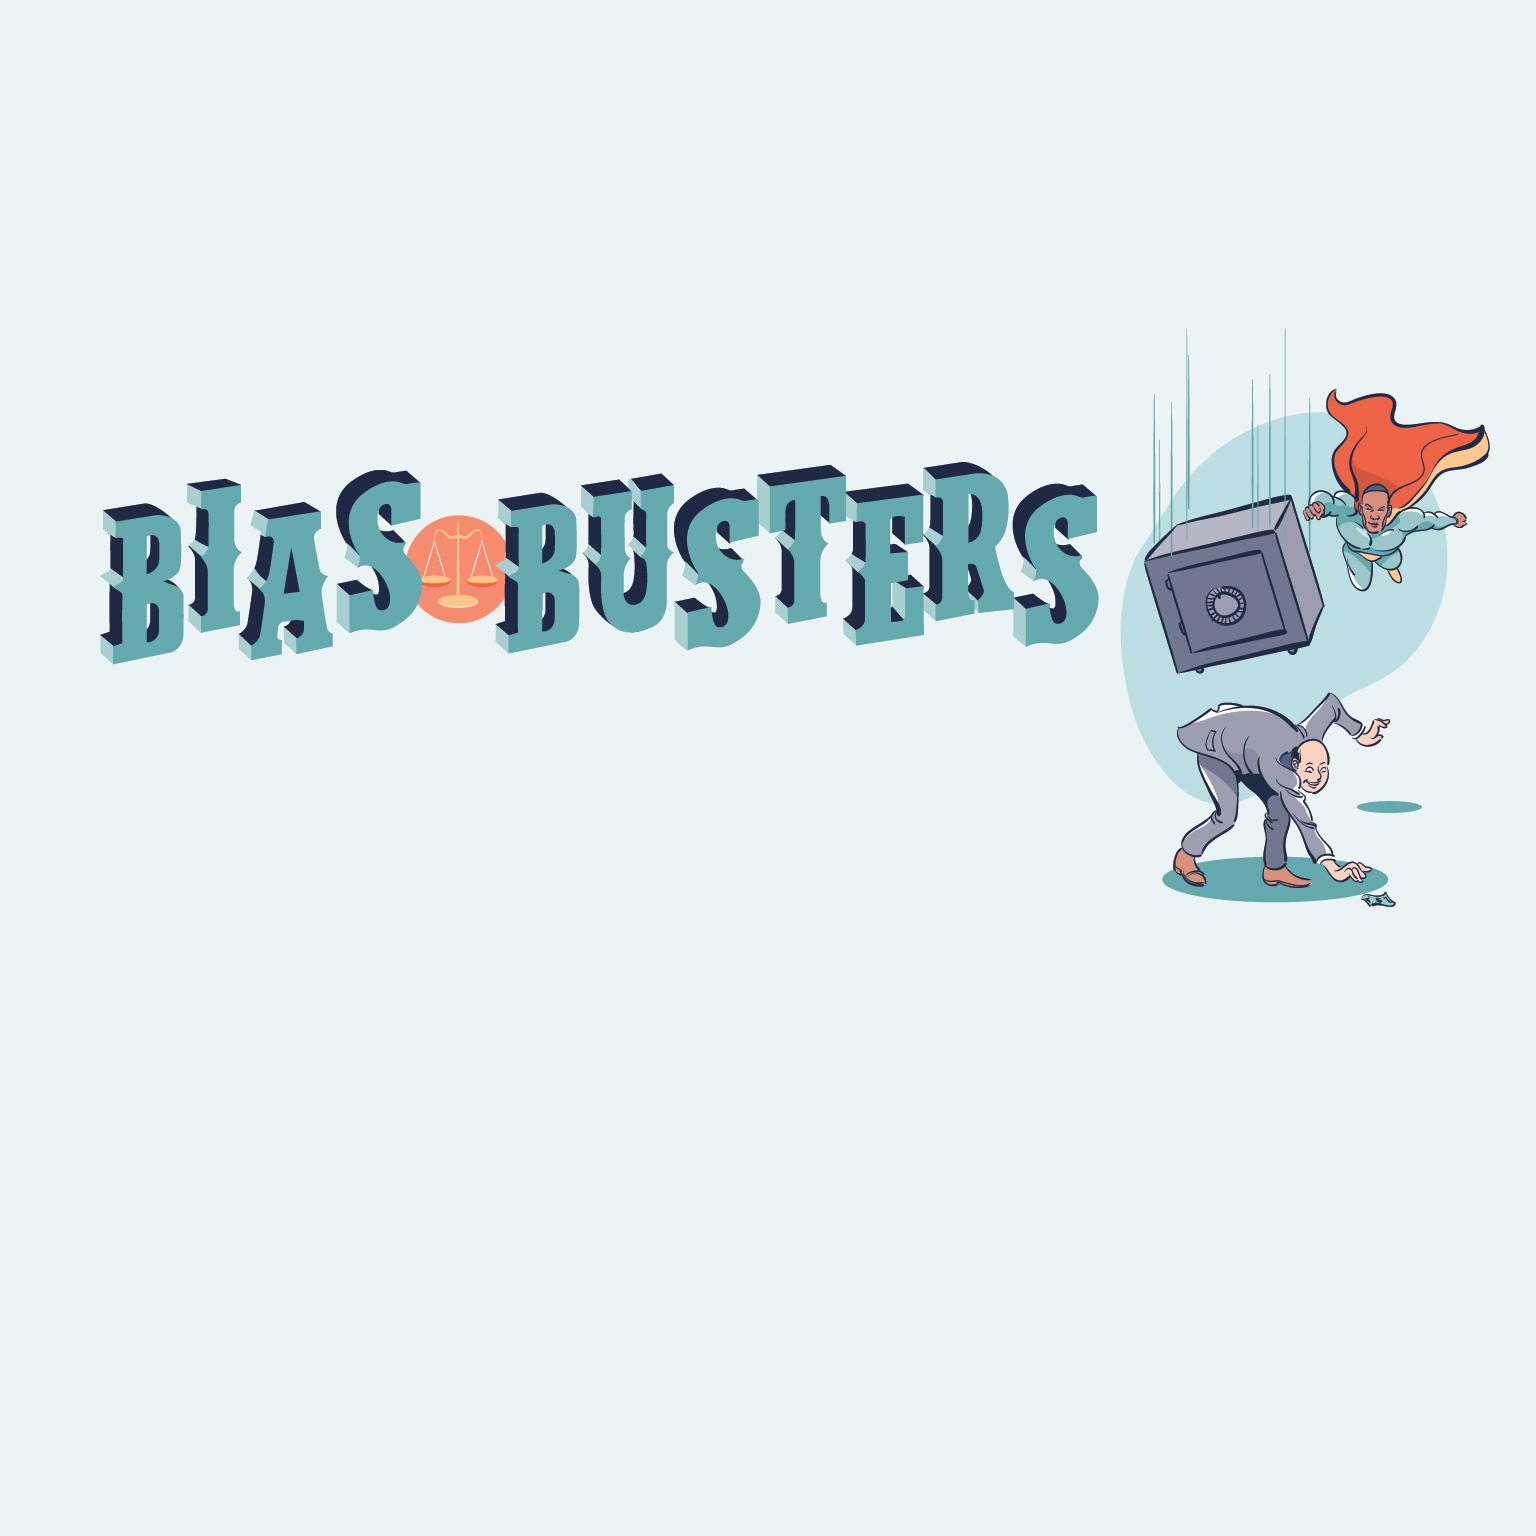 Budget based anchoring bias example | McKinsey